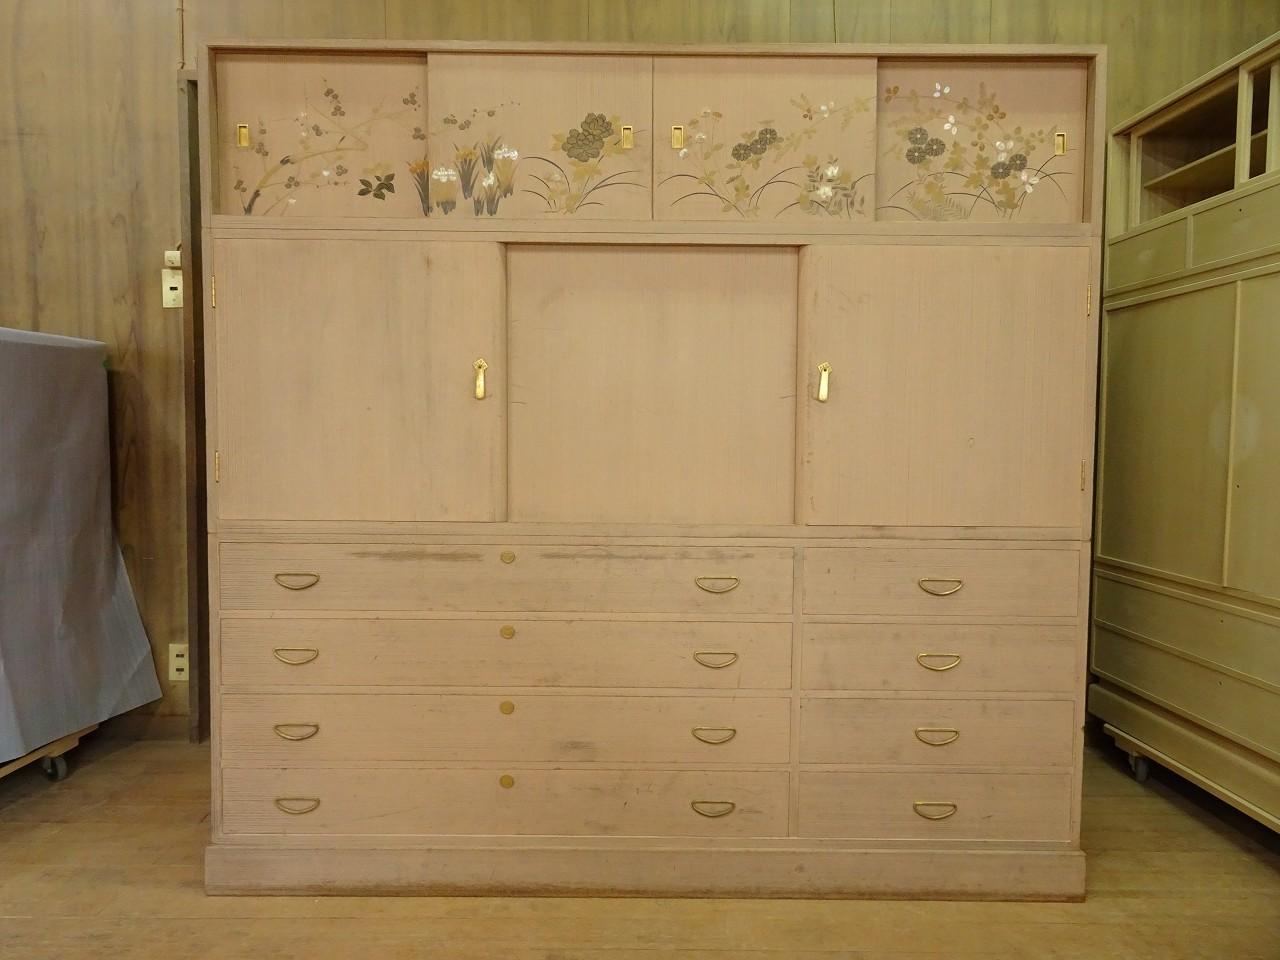 松山家具(桐の松山)製の蒔絵入り(絵入り)桐箪笥の洗い修理